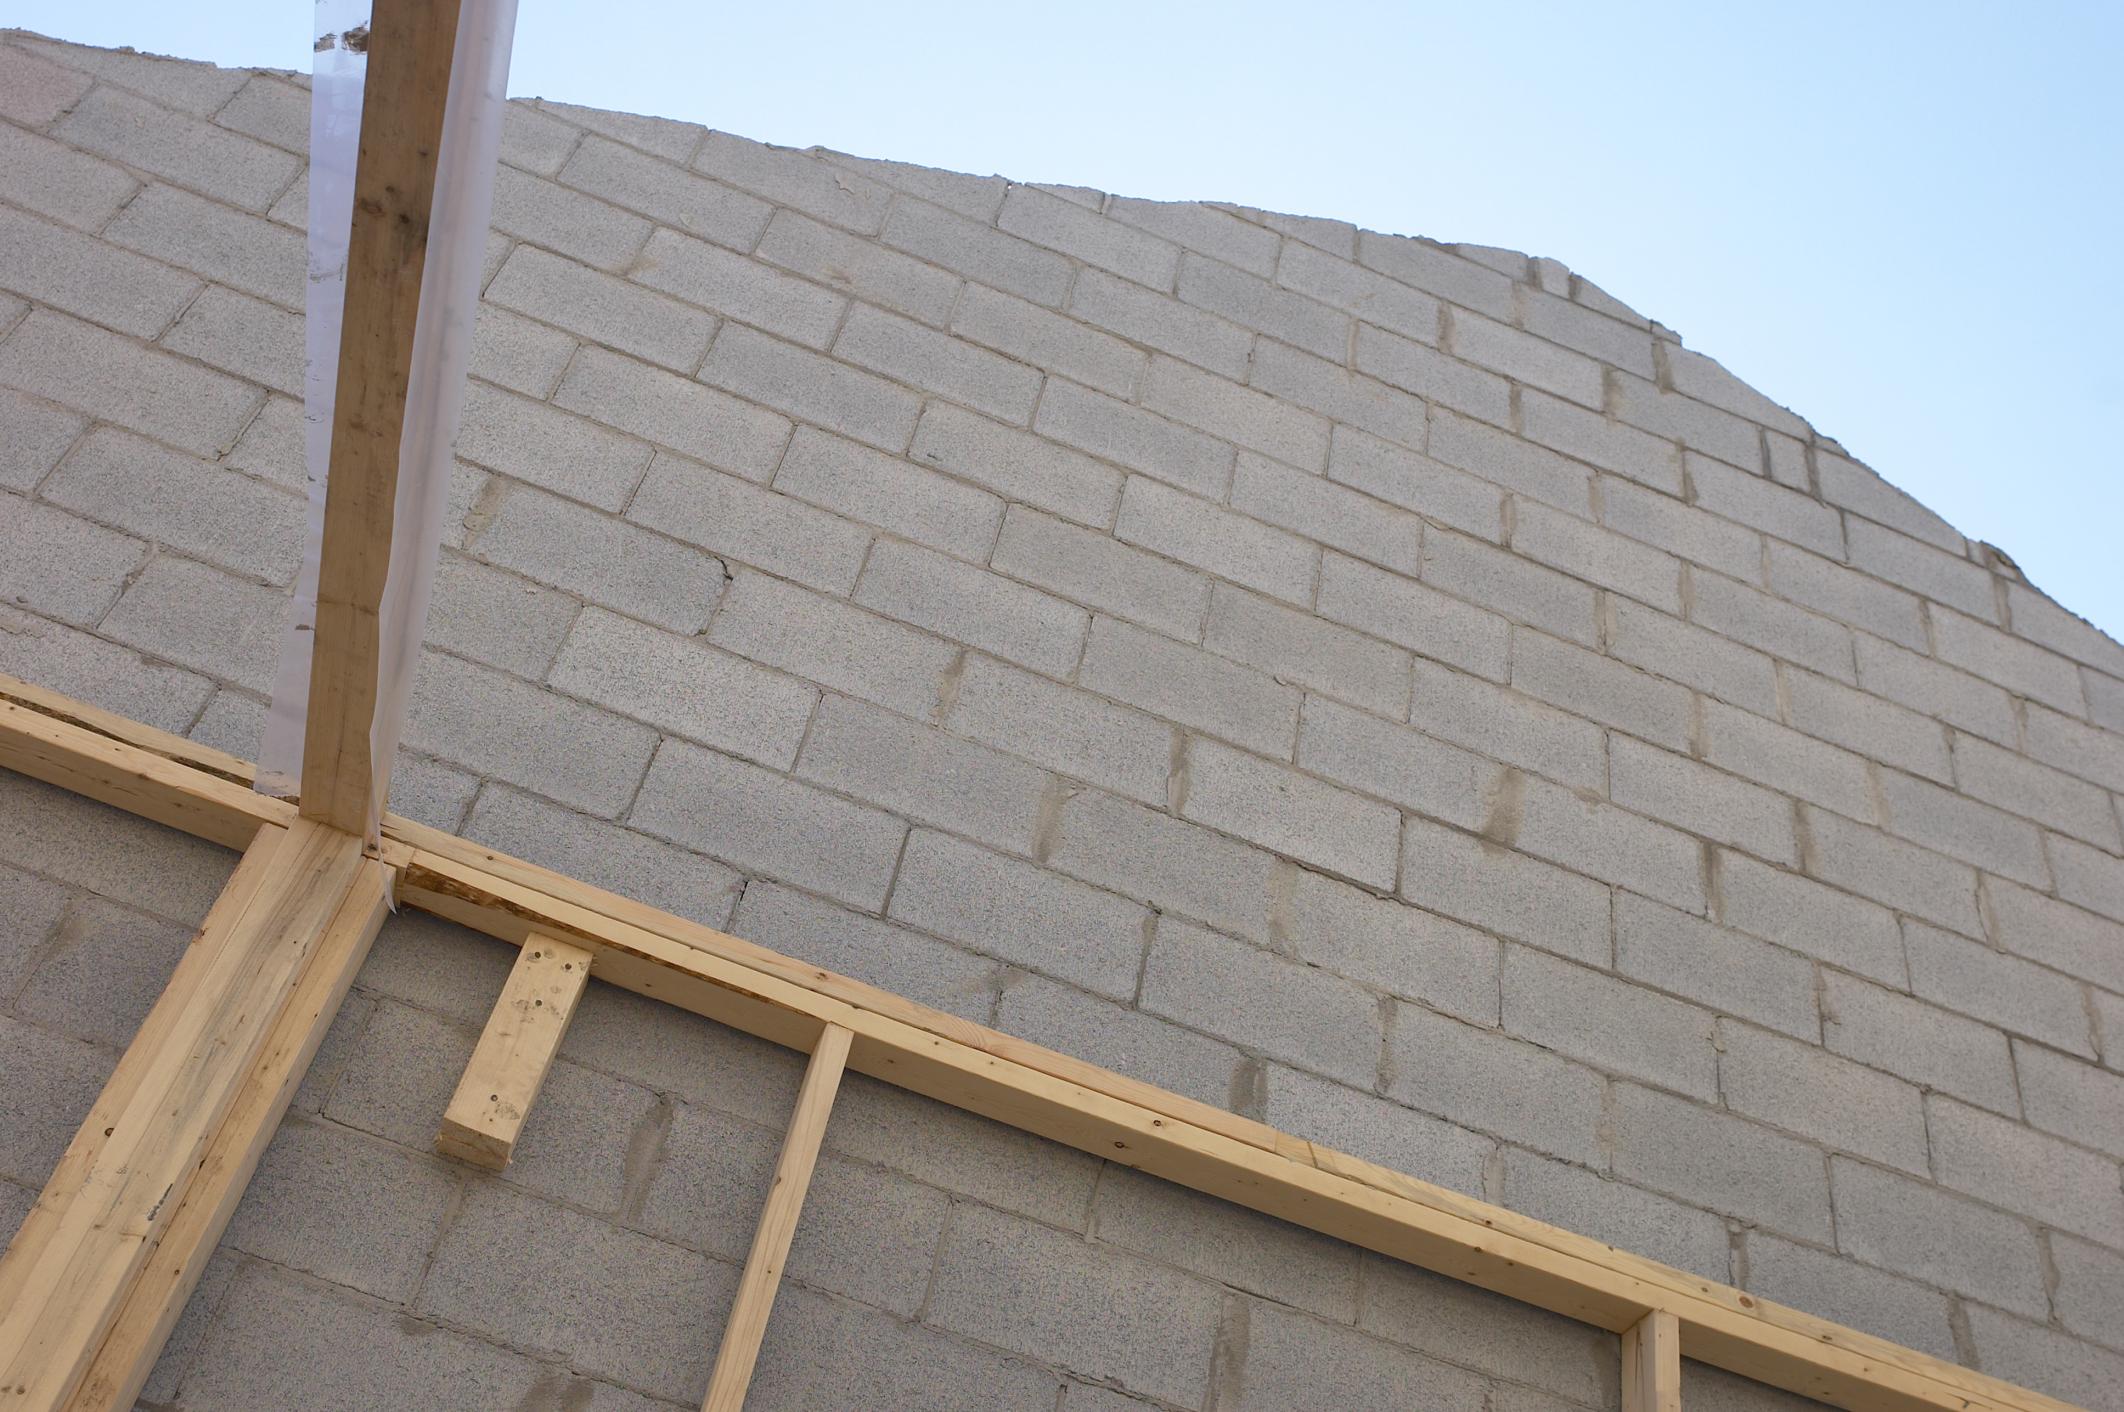 Cómo pegar un marco de madera a una pared de bloque de hormigón |